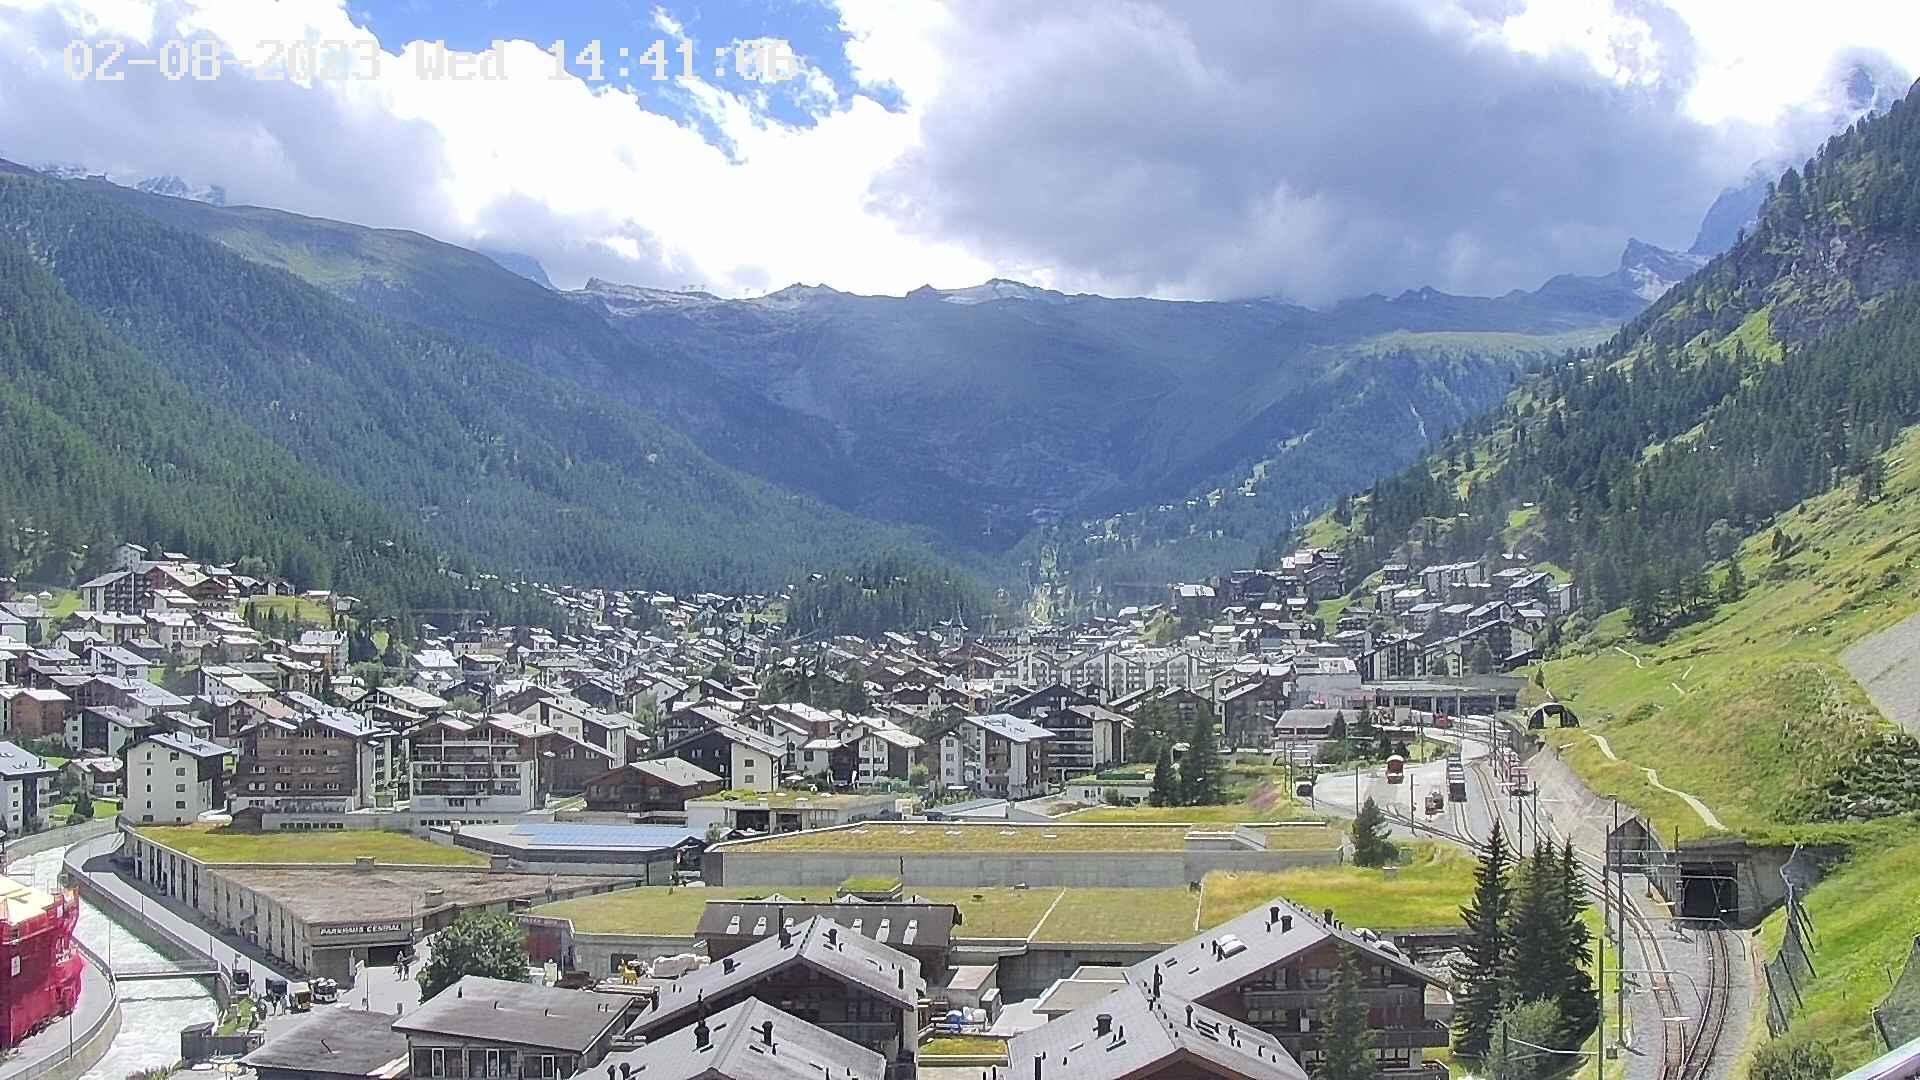 Webcam Spiss Zermatt